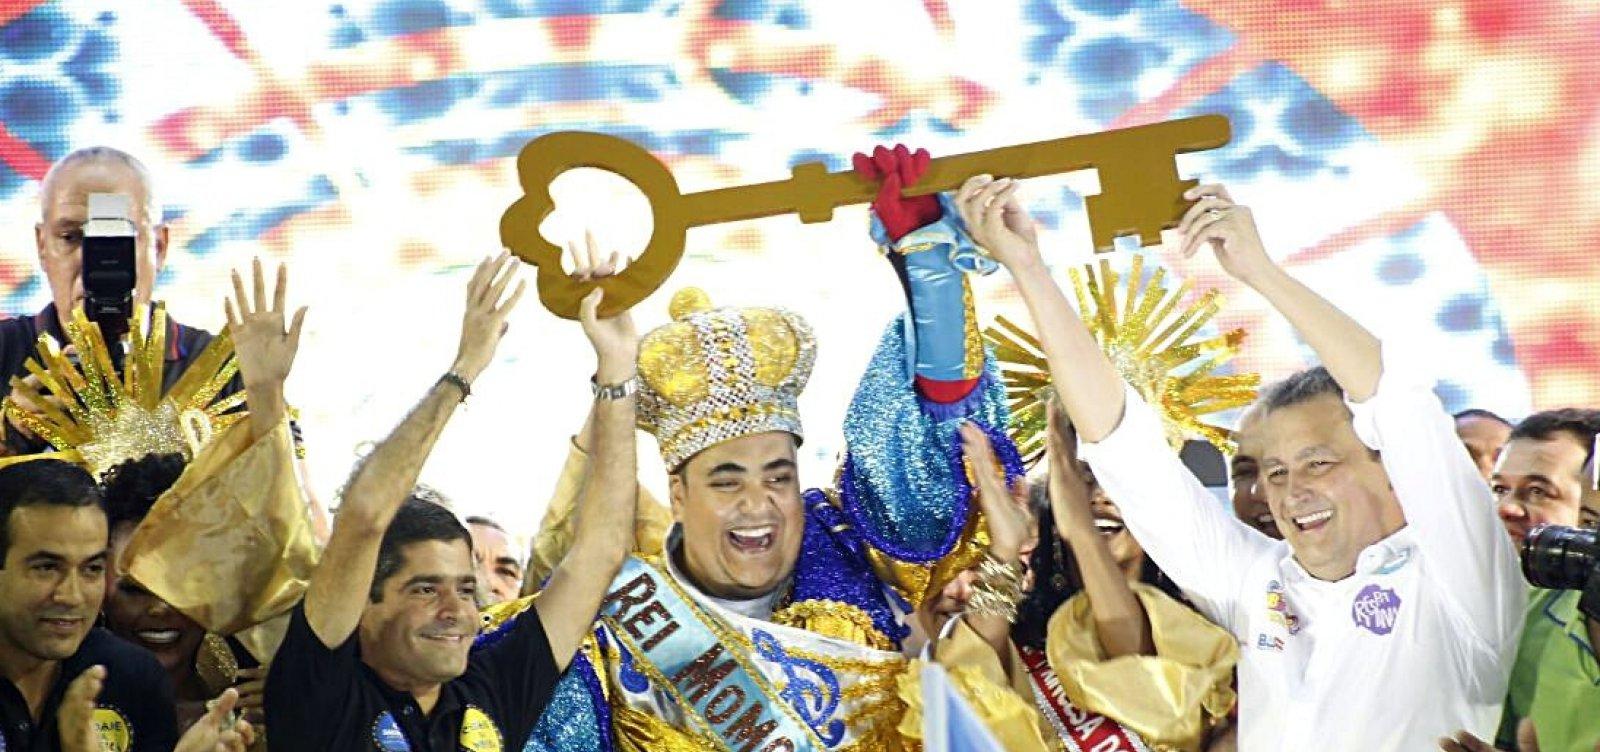 [Com atraso, Comcar promete divulgar programação completa do Carnaval nesta sexta]